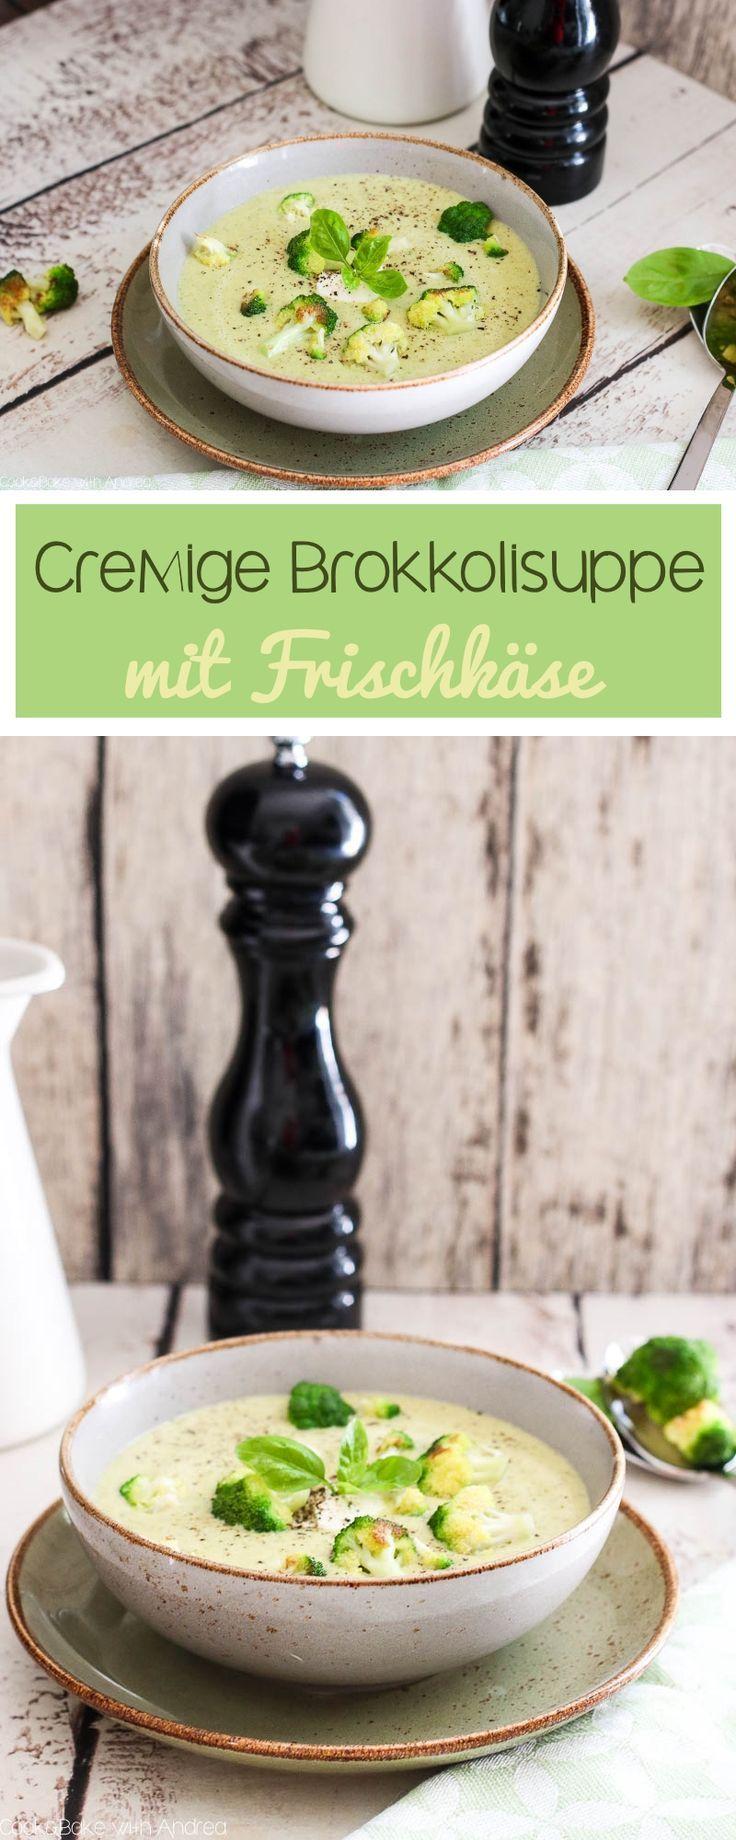 Cremige Brokkolisuppe mit Frischkäse #creamcheeserecipes